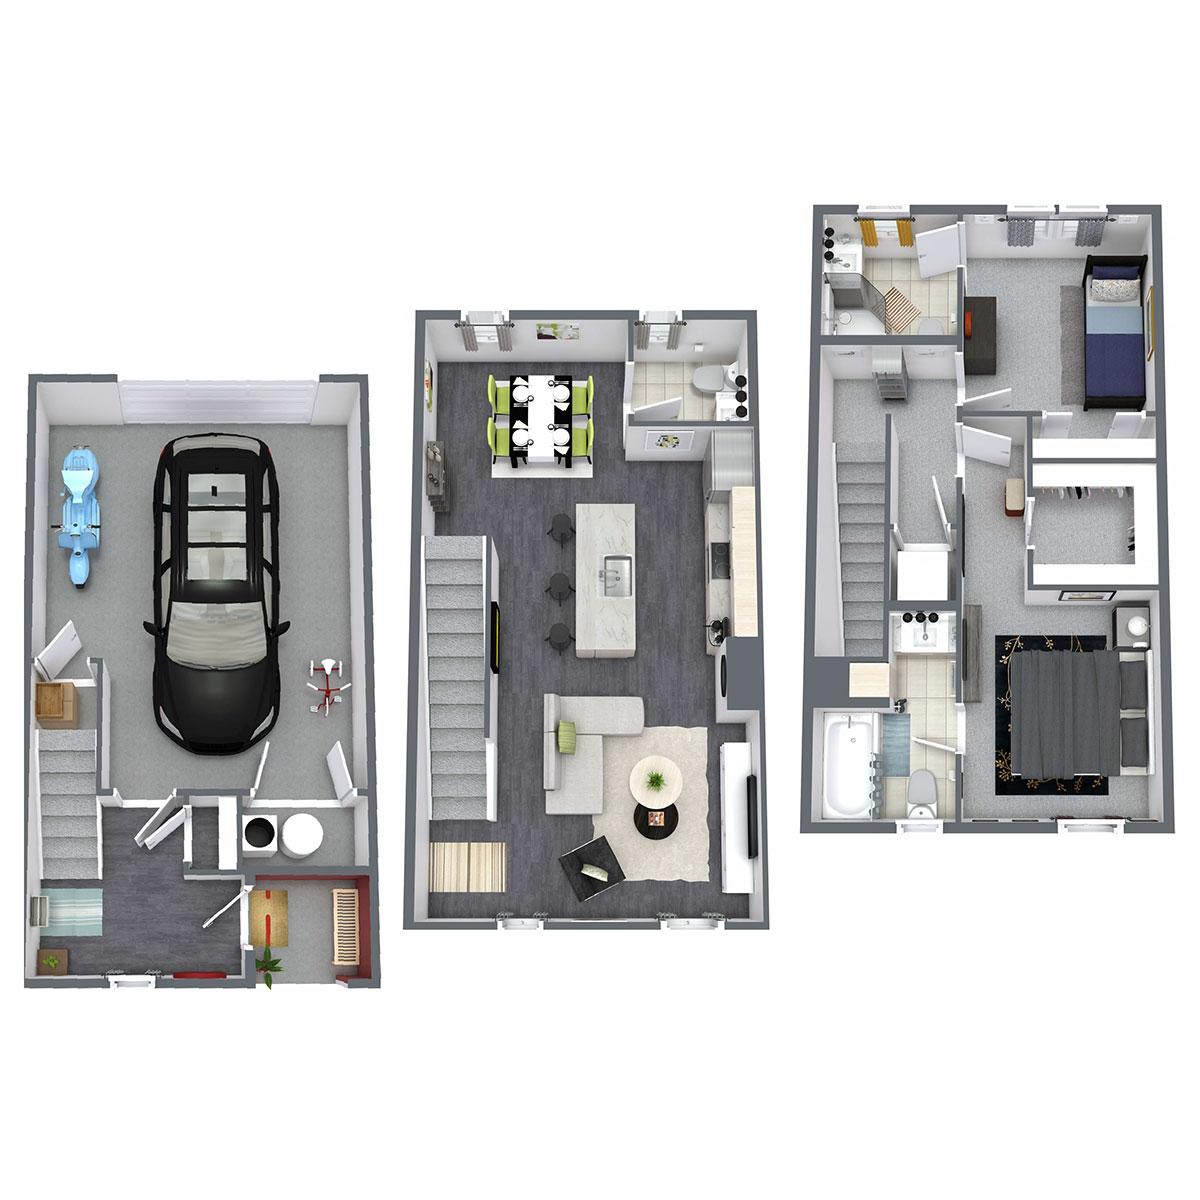 Floorplan - Birch - 1 Bedroom with Den image